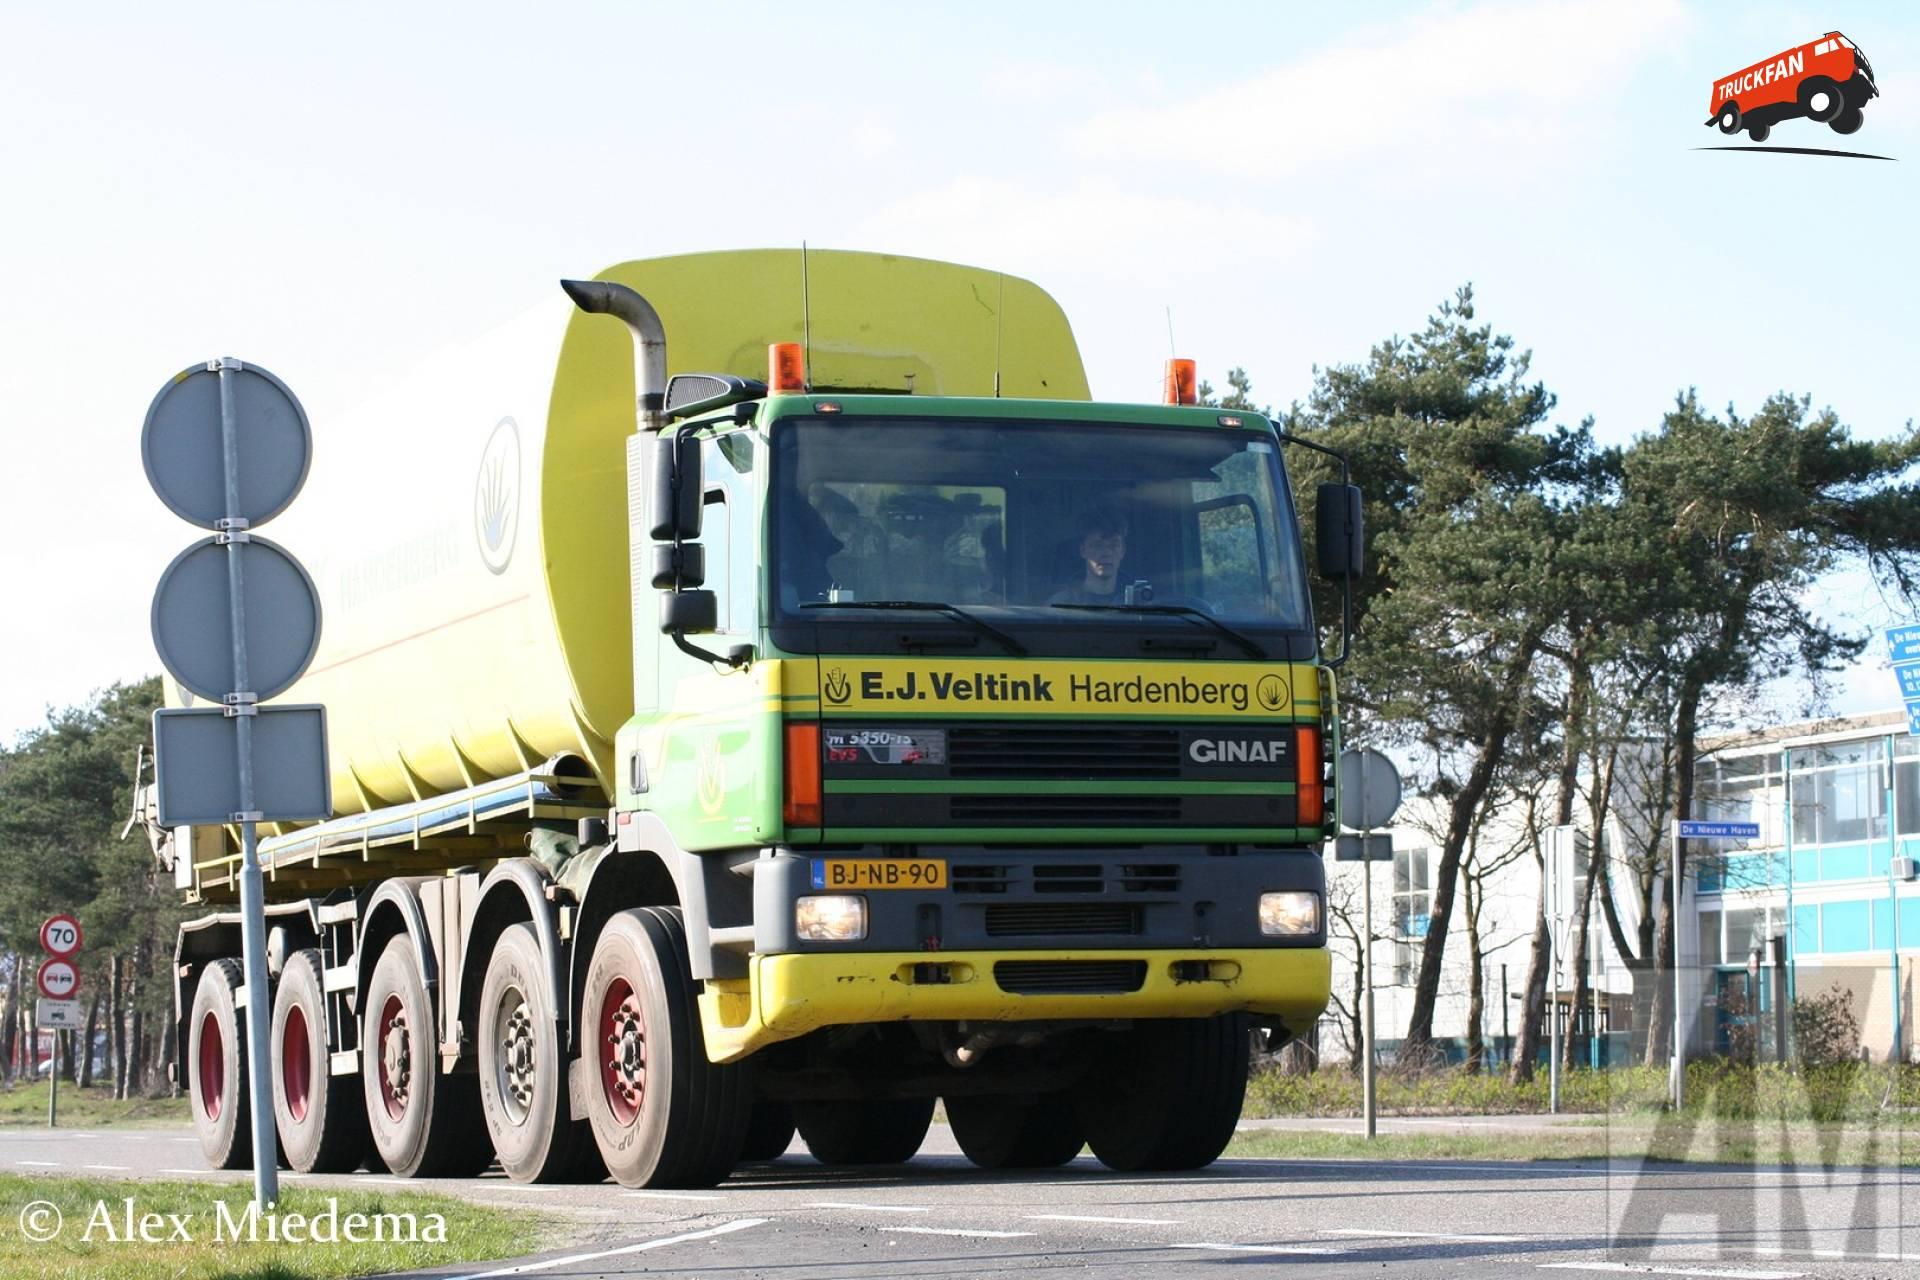 GINAF M5350-TS